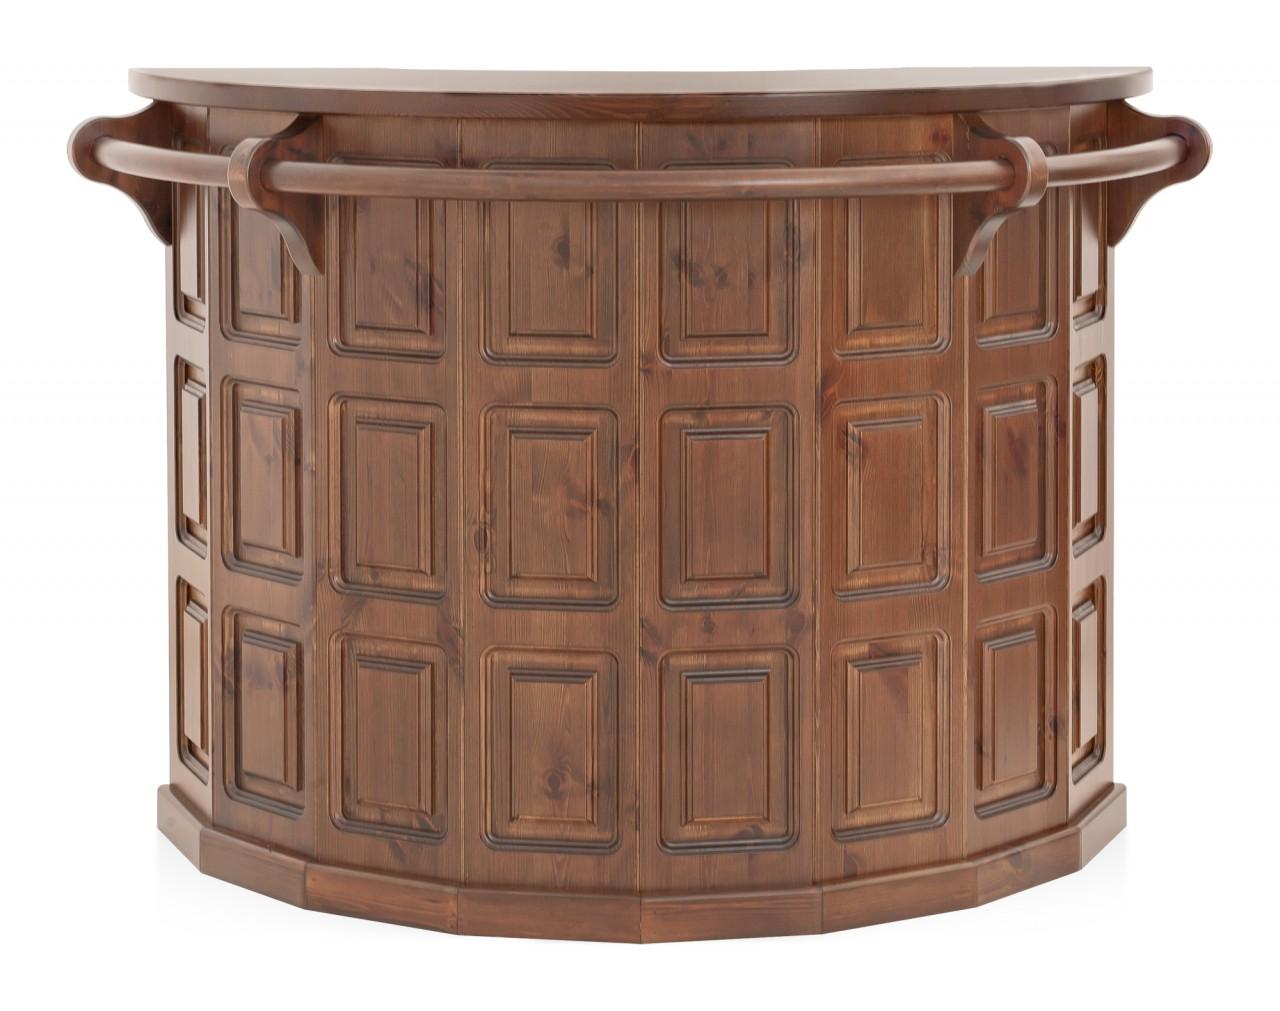 Complementi rustici bancone bar arredamenti rustici - Bancone cucina legno ...